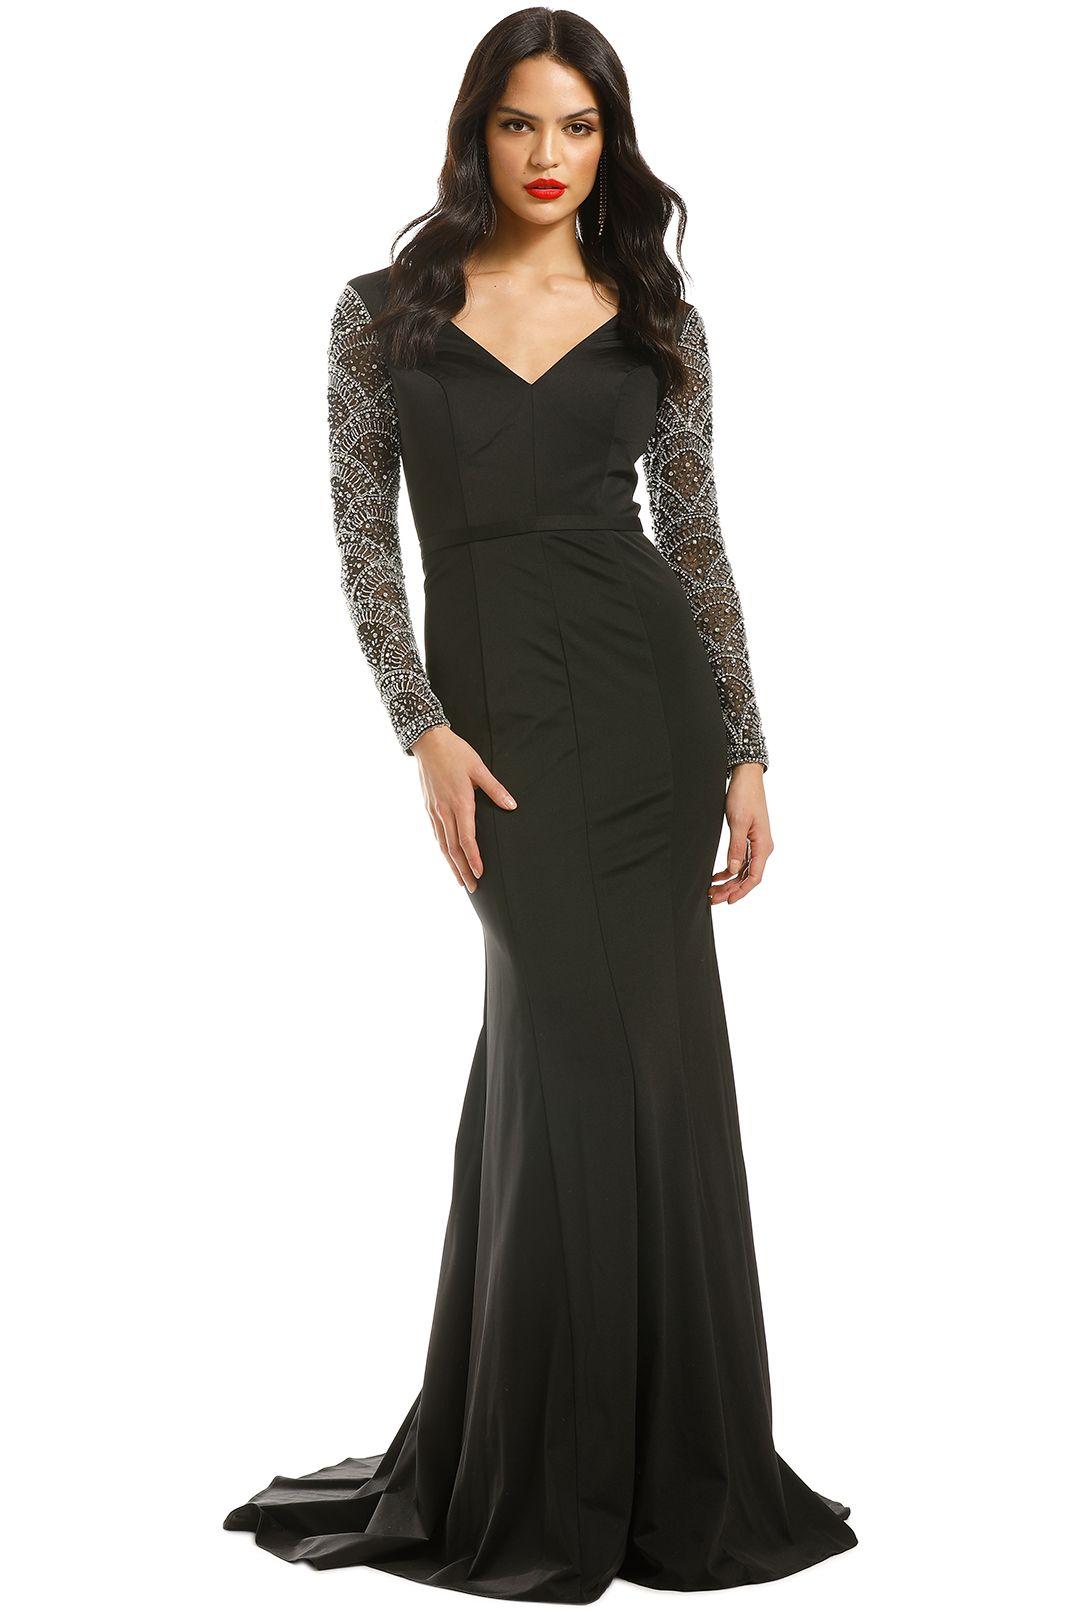 Jadore-Elizabeth-Gown-Black-Front